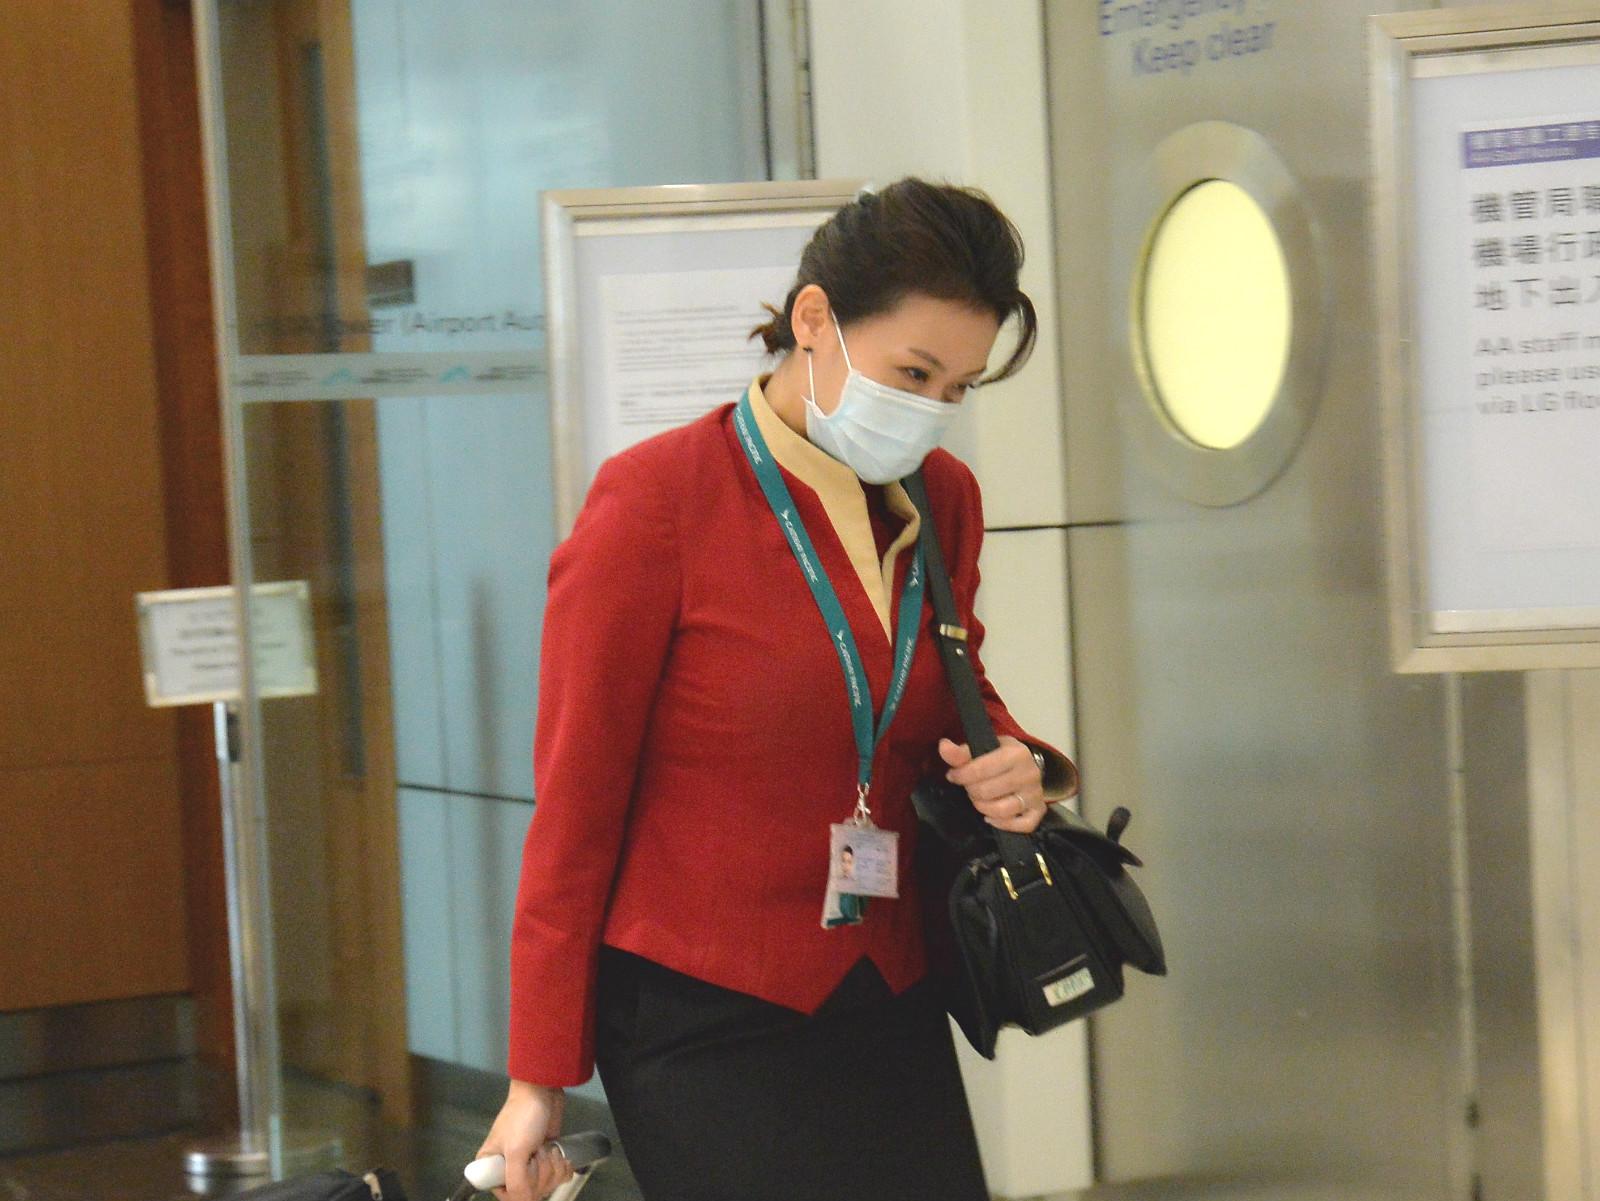 機場7977名員工已打麻疹疫苗。資料圖片